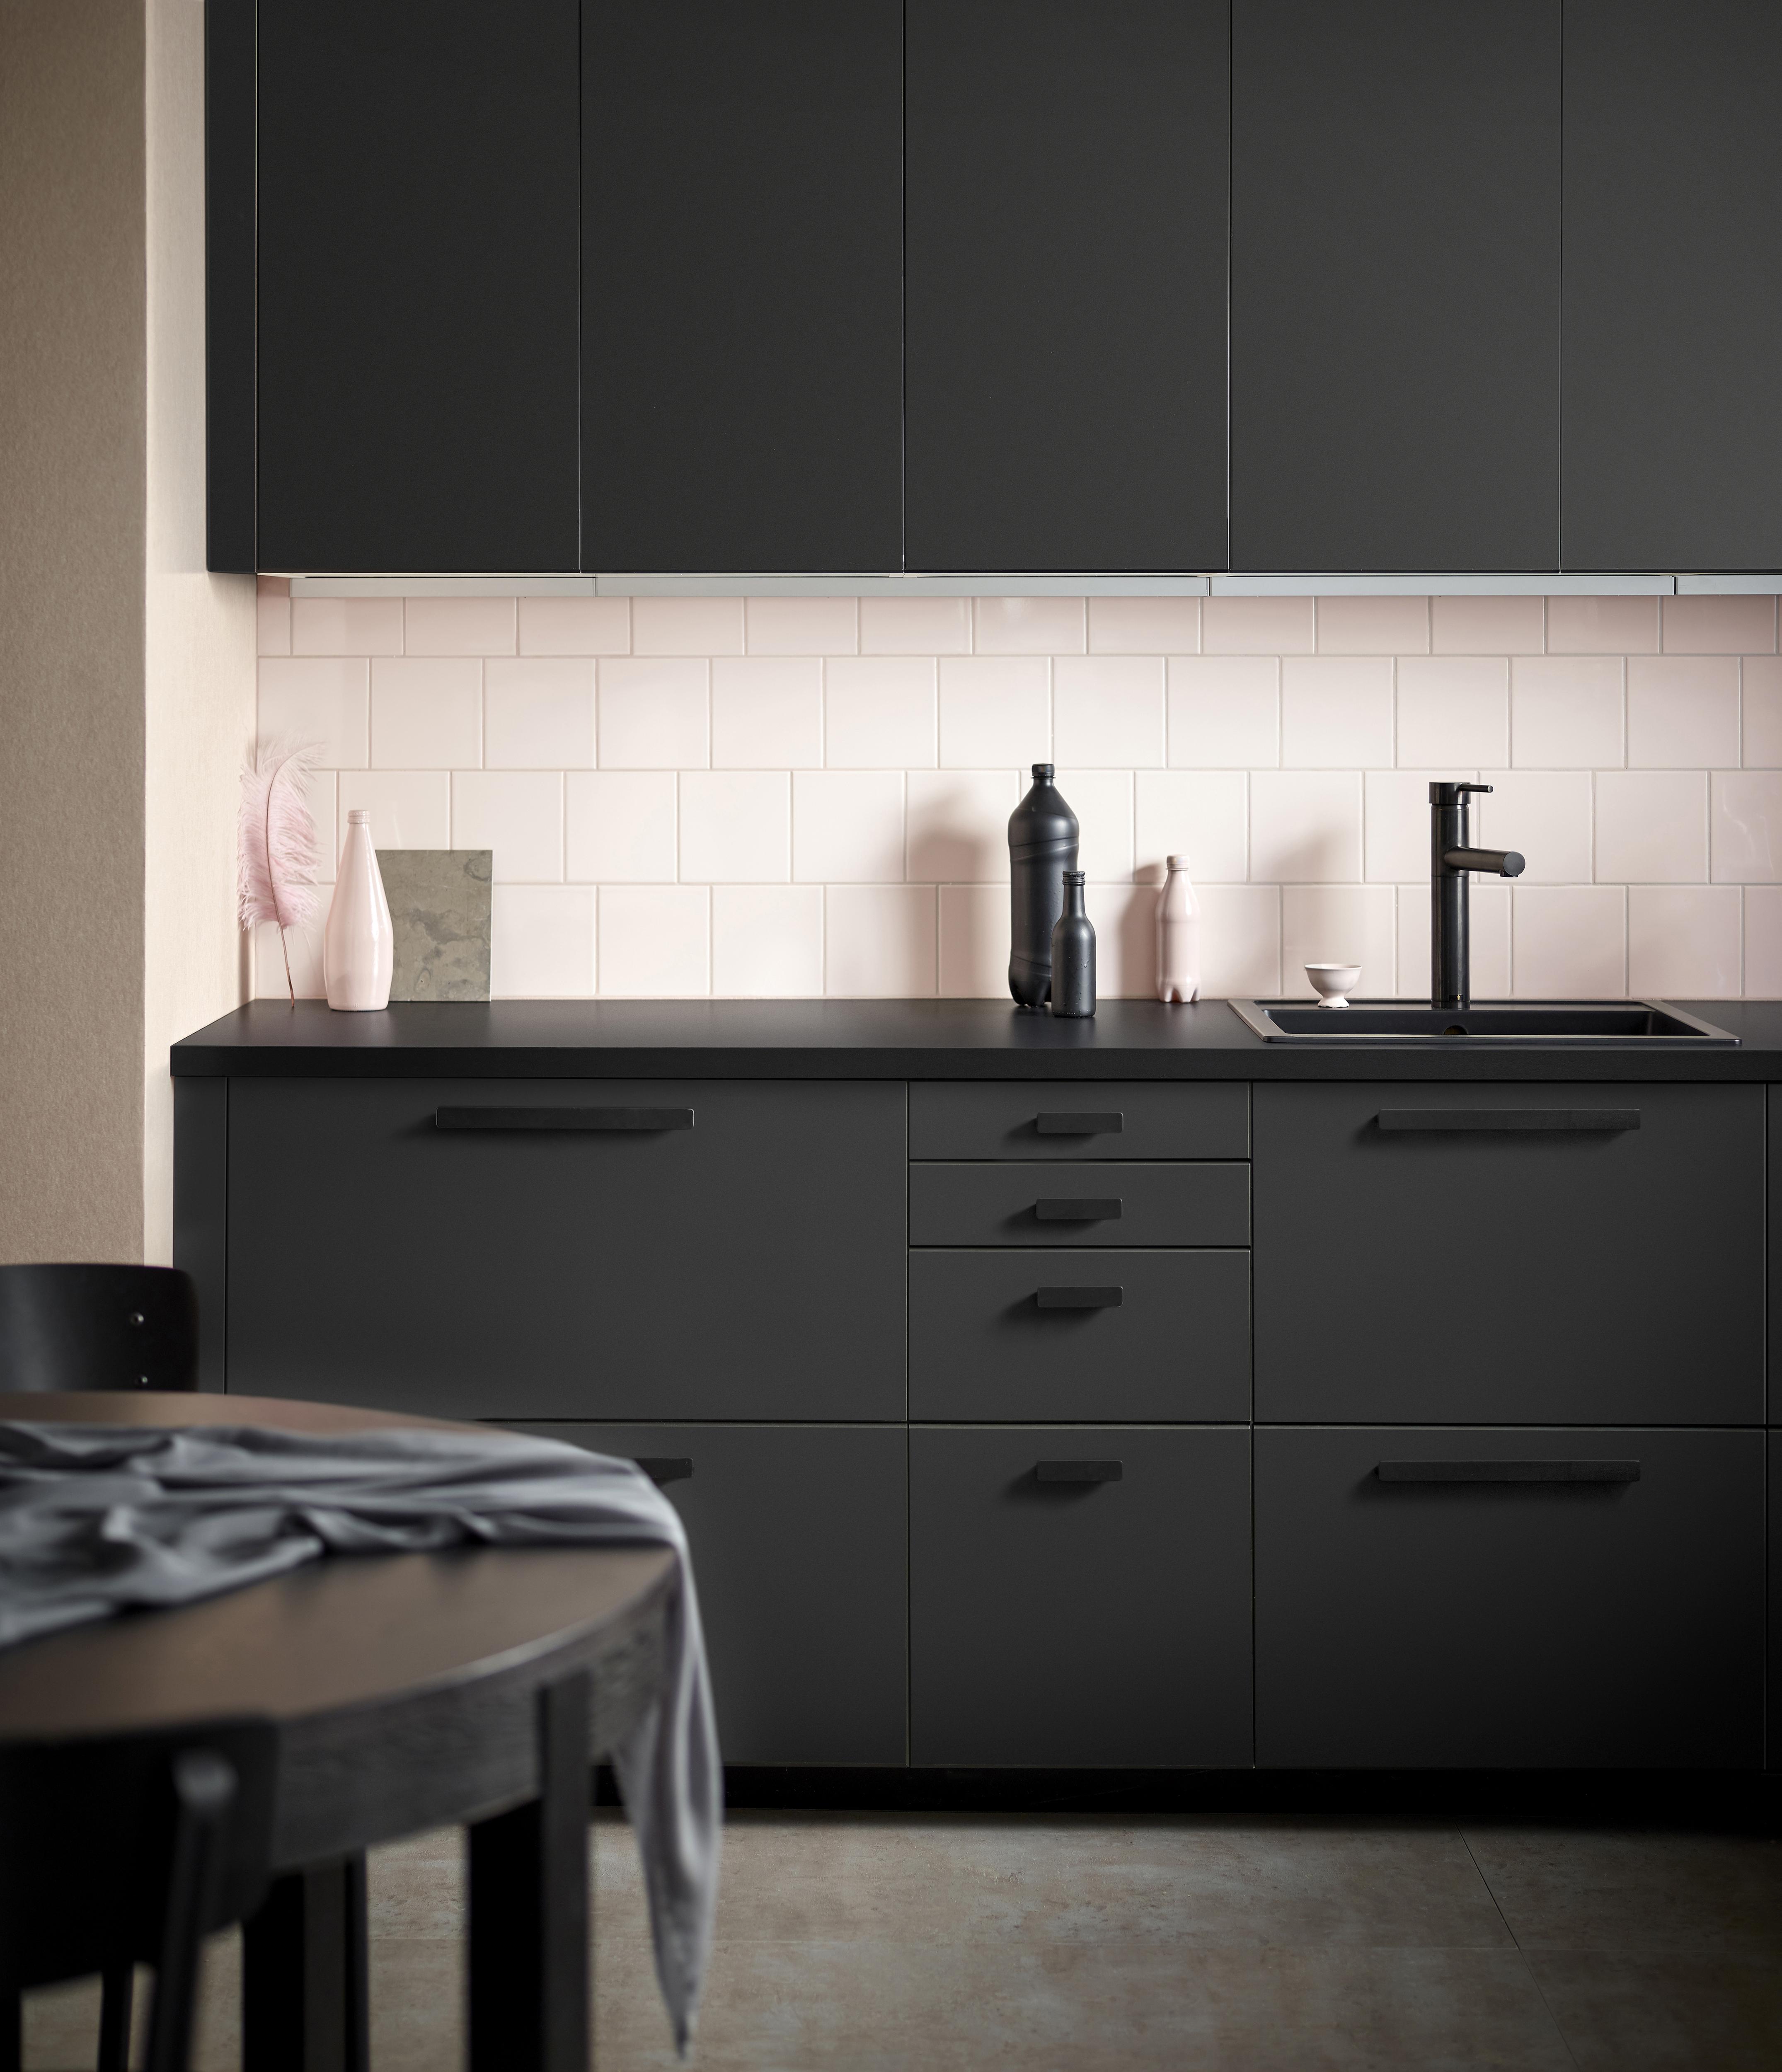 IKEA bringt Küchenfronten aus recycelten PET-Flaschen auf den ...